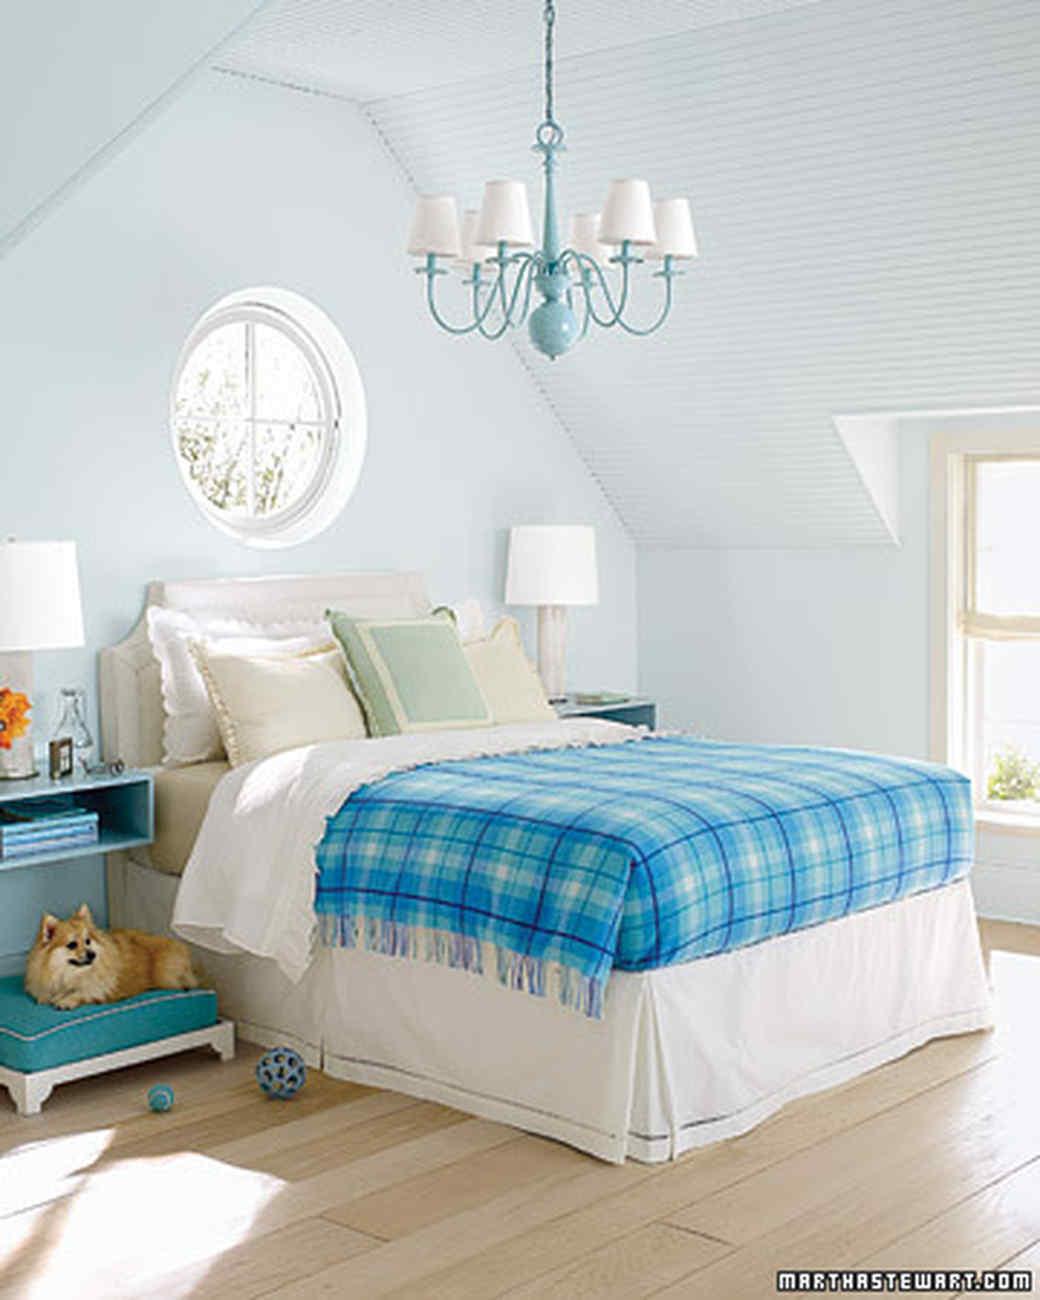 mld103108_0907_bedroom.jpg